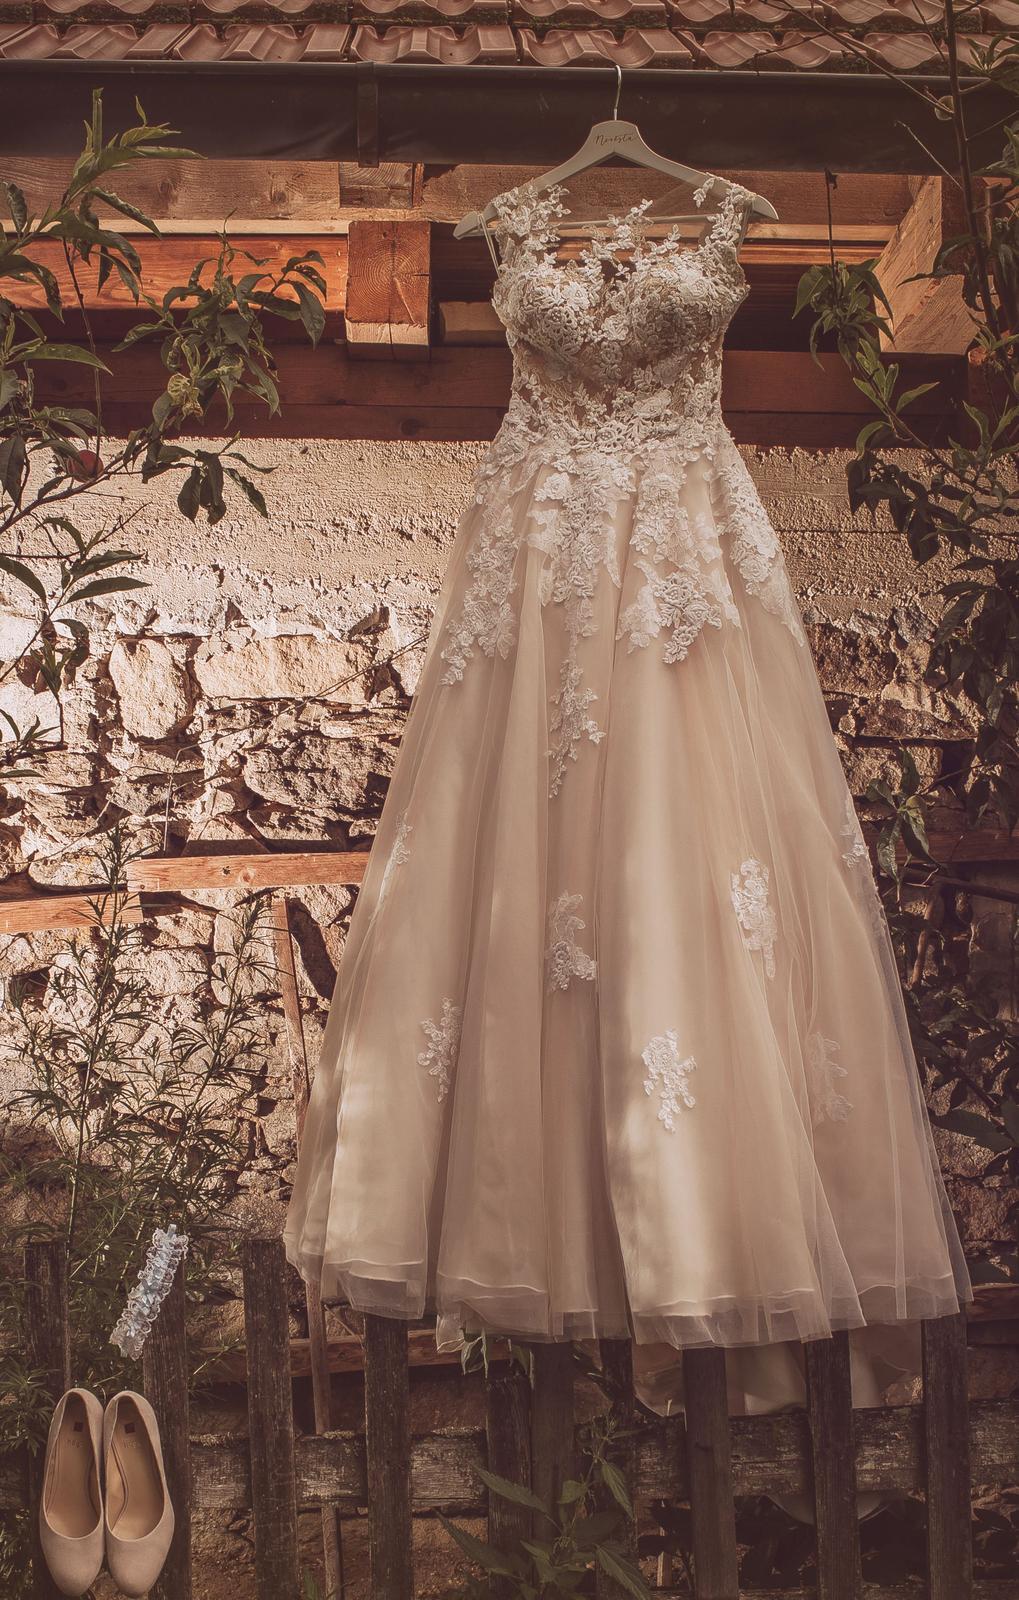 Svatební šaty zn. Pronovias - model Ofelia - Obrázek č. 4